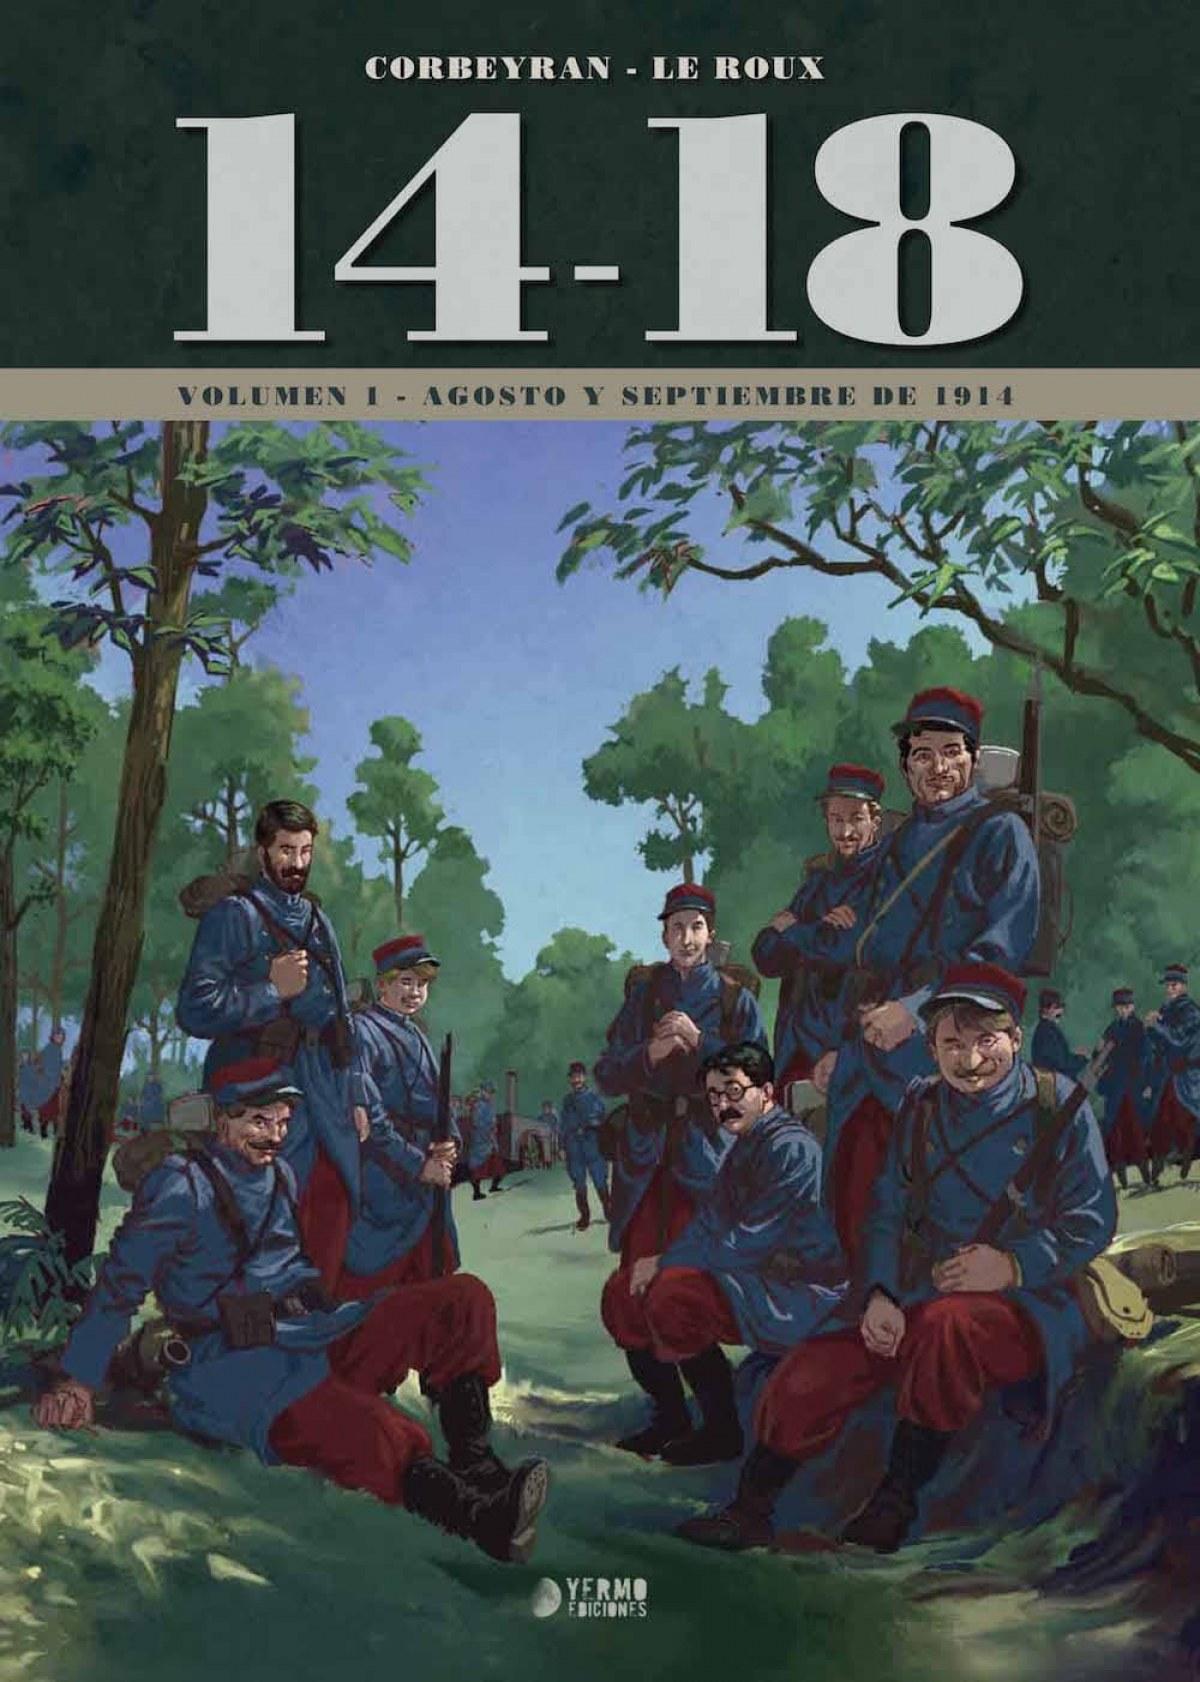 14-18. VOLUMEN 1